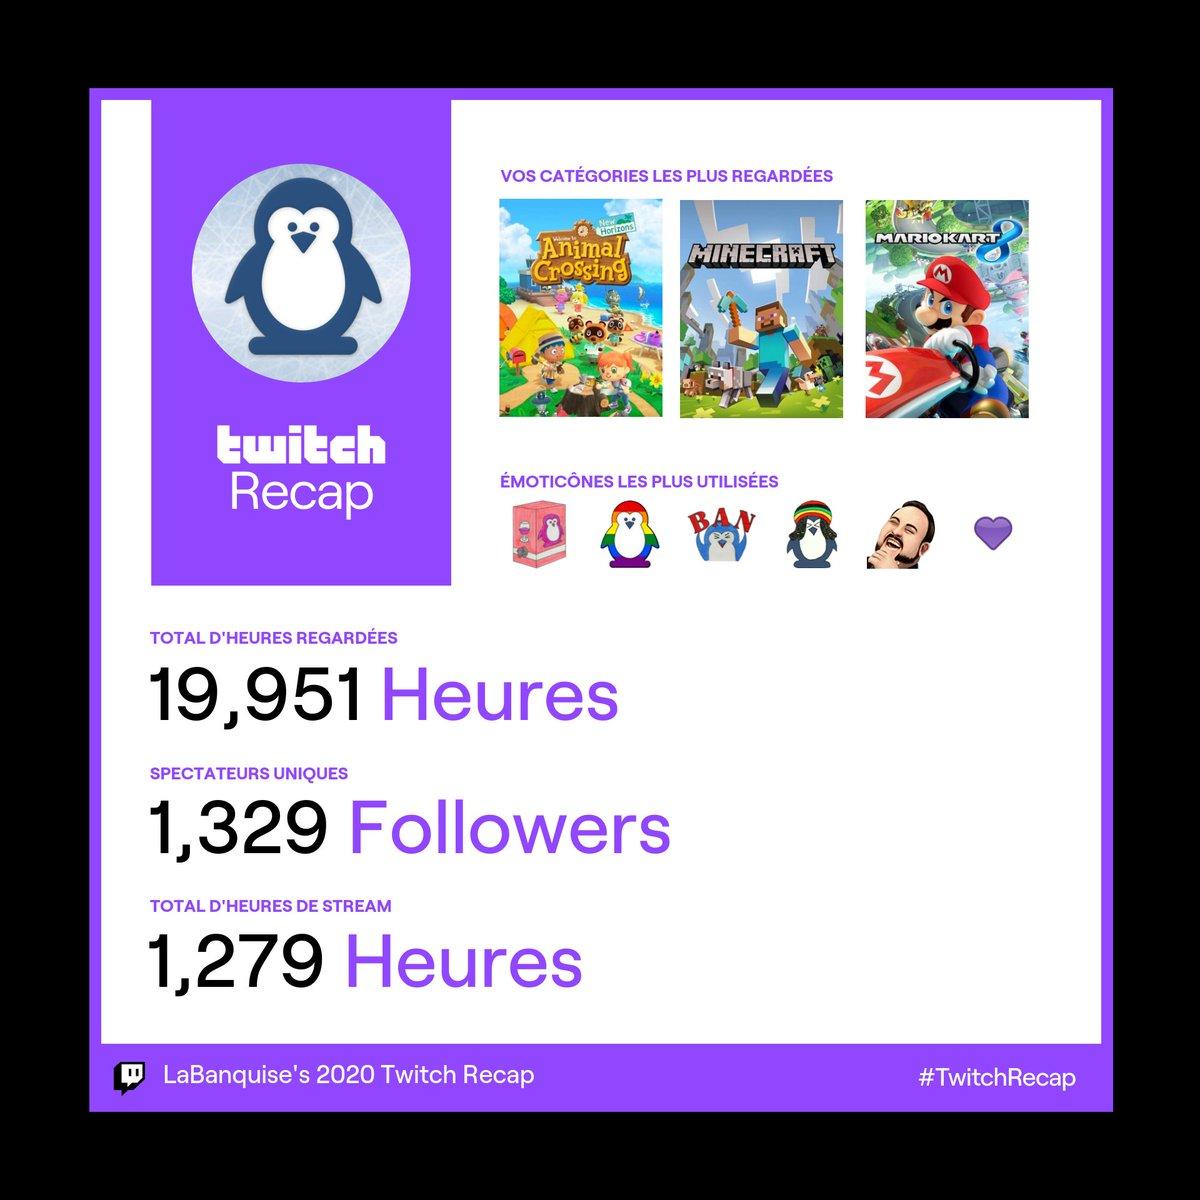 Quelle FOLIE ! 🥂  Des statistiques FOLLES et surtout, des scores de dingue !  Des Manchots en veux tu, en voila ! 🎊  La Banquise vous accueil en 2021 pour le plus grand des plaisir ! 💕🐧  **MERCI** ! ❄️  #TwitchRecap #LaBanquise #Live #Stream #Twitch